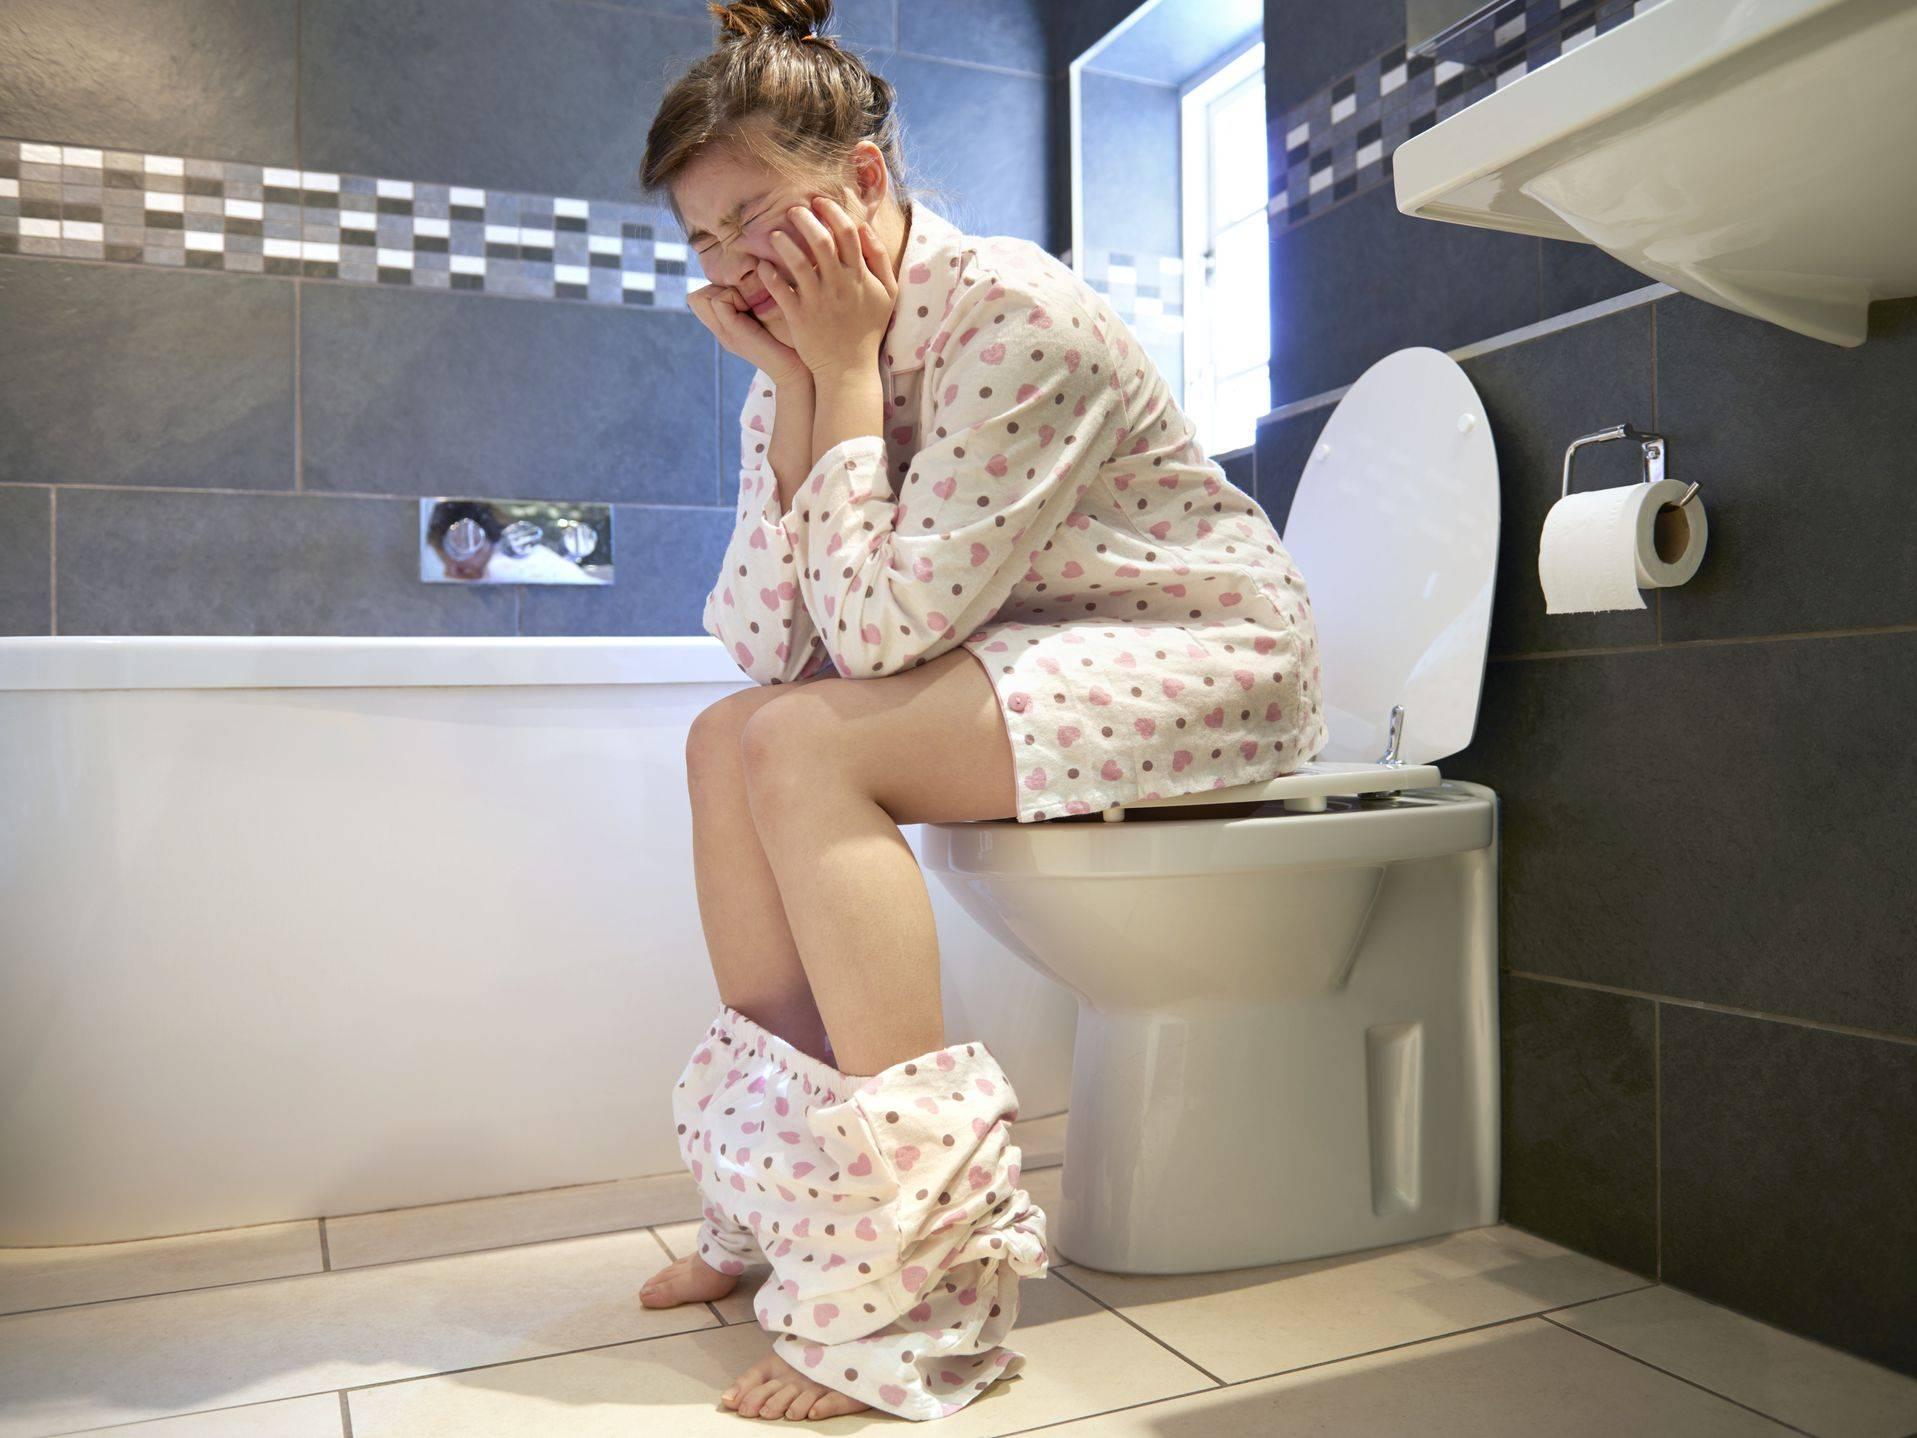 Частое мочеиспускание у женщин и мужчин: причины и лечение